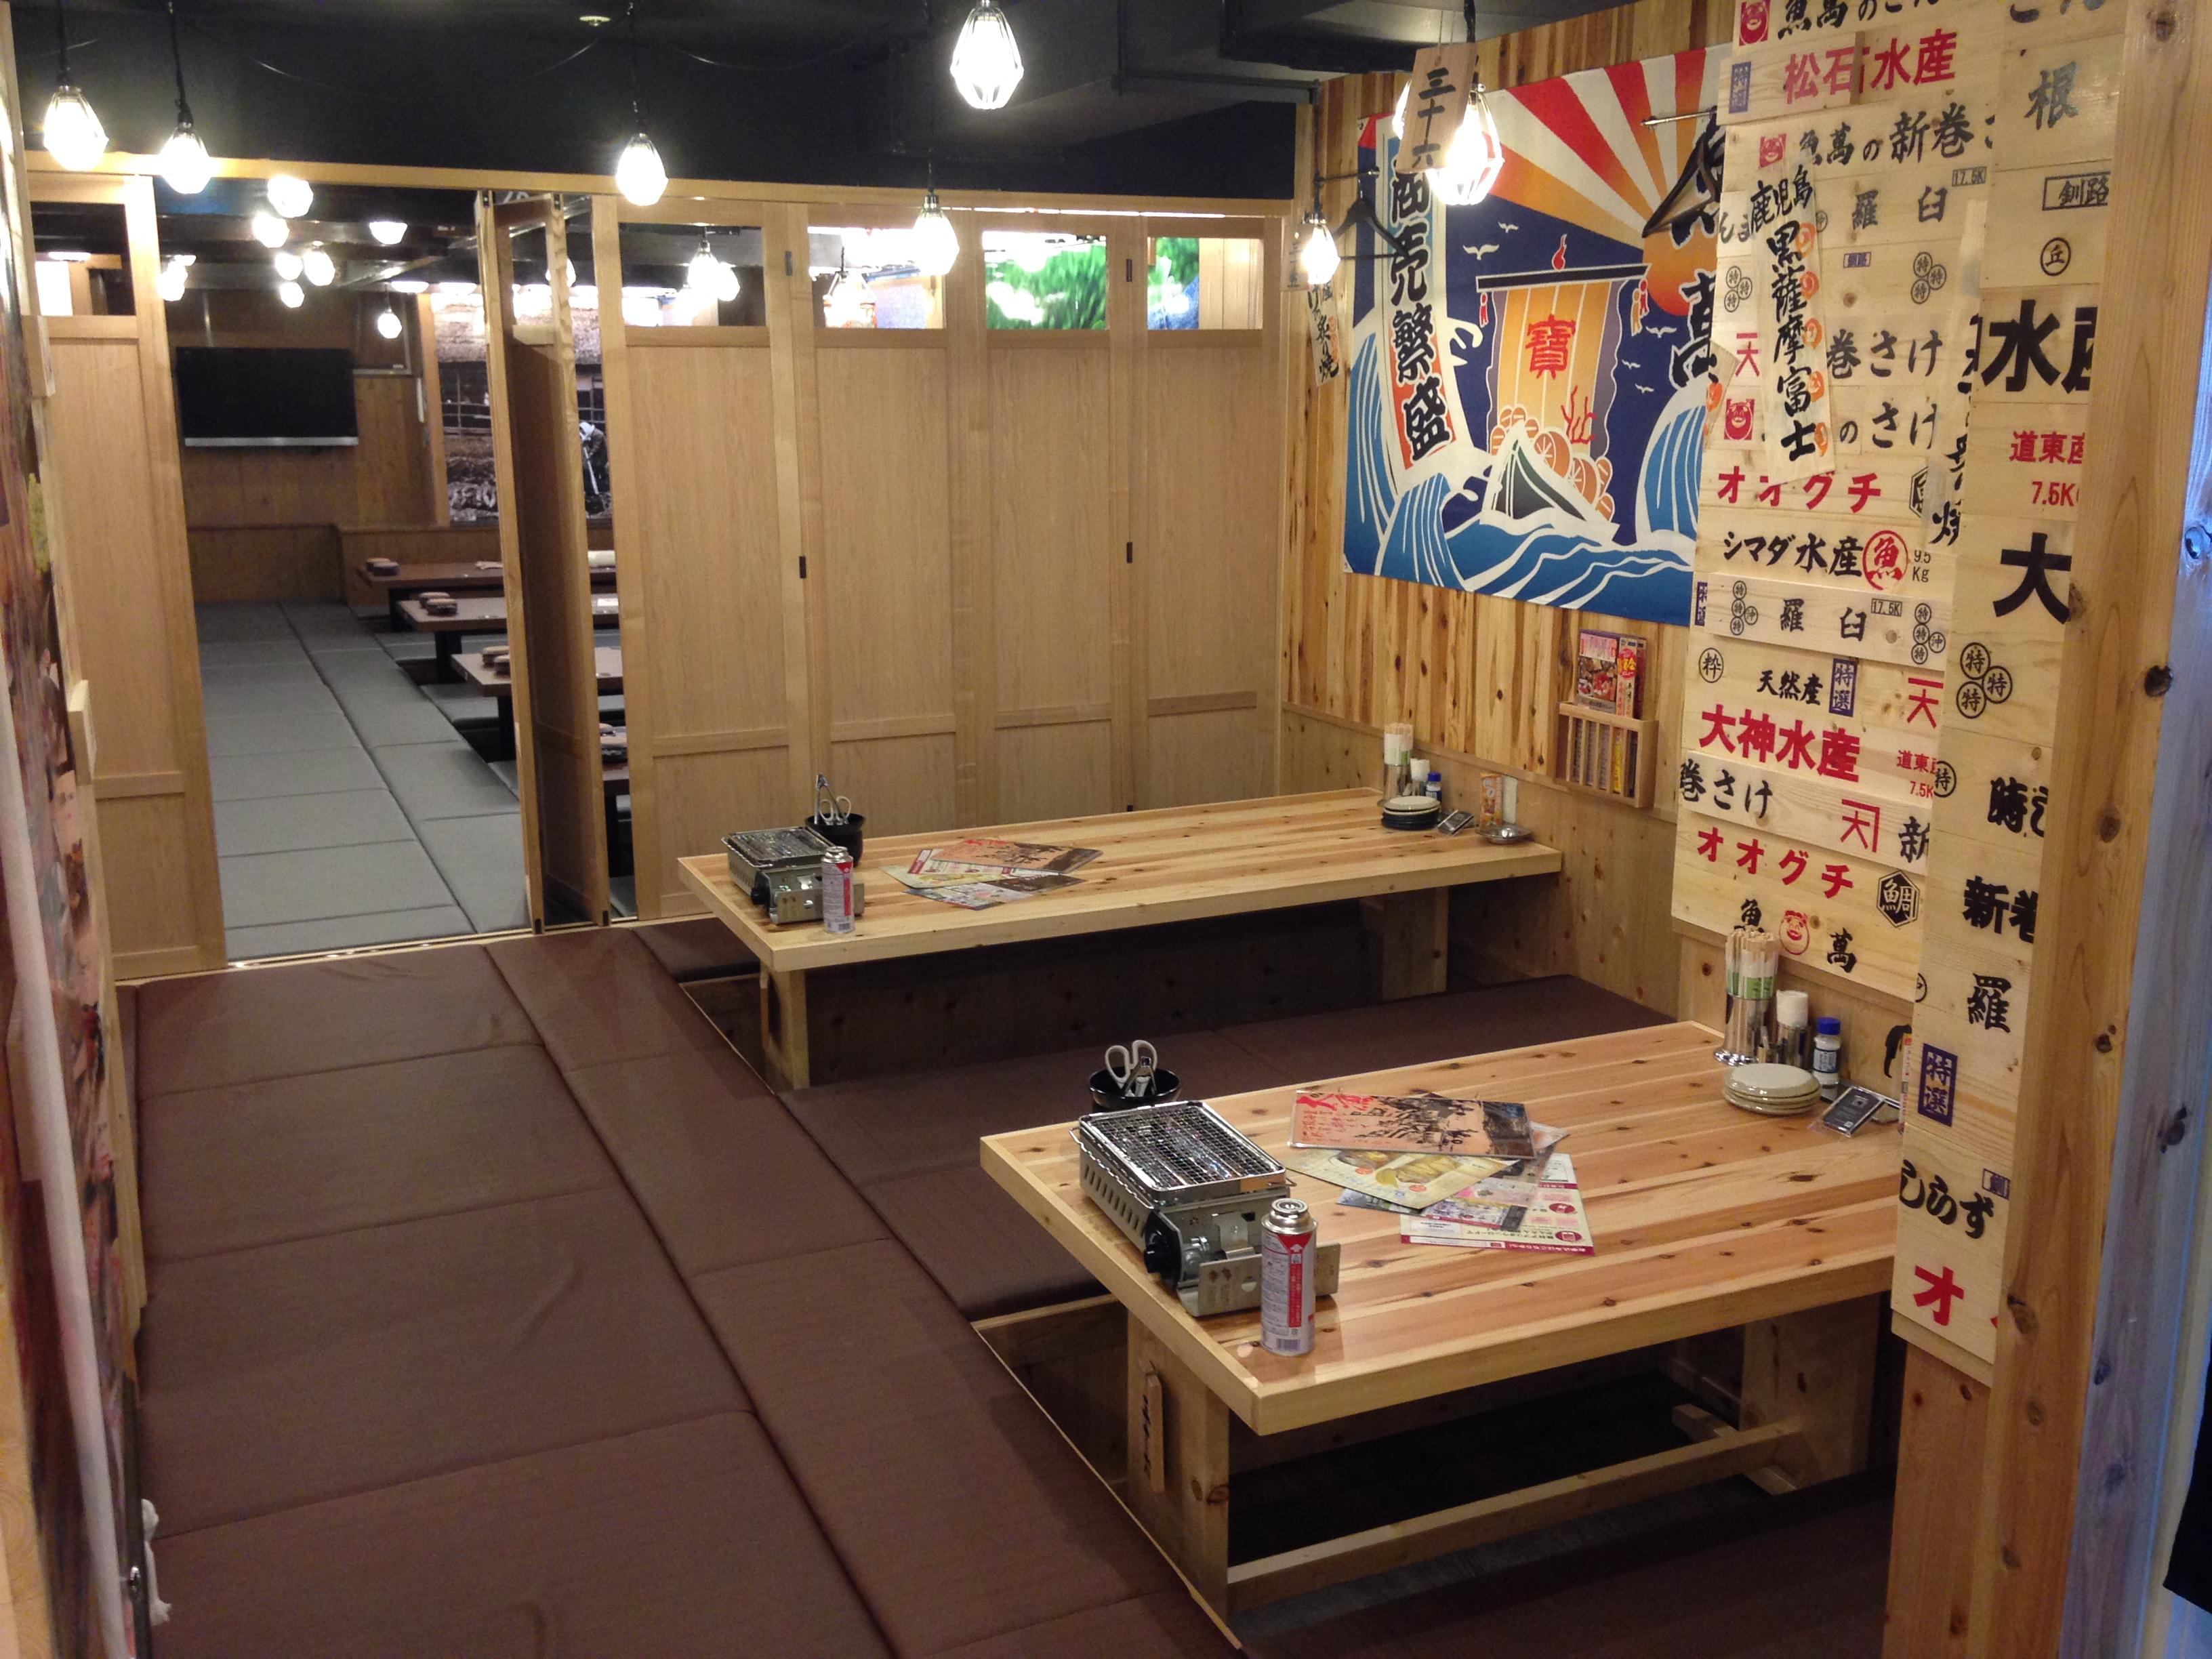 魚萬 鶴見店